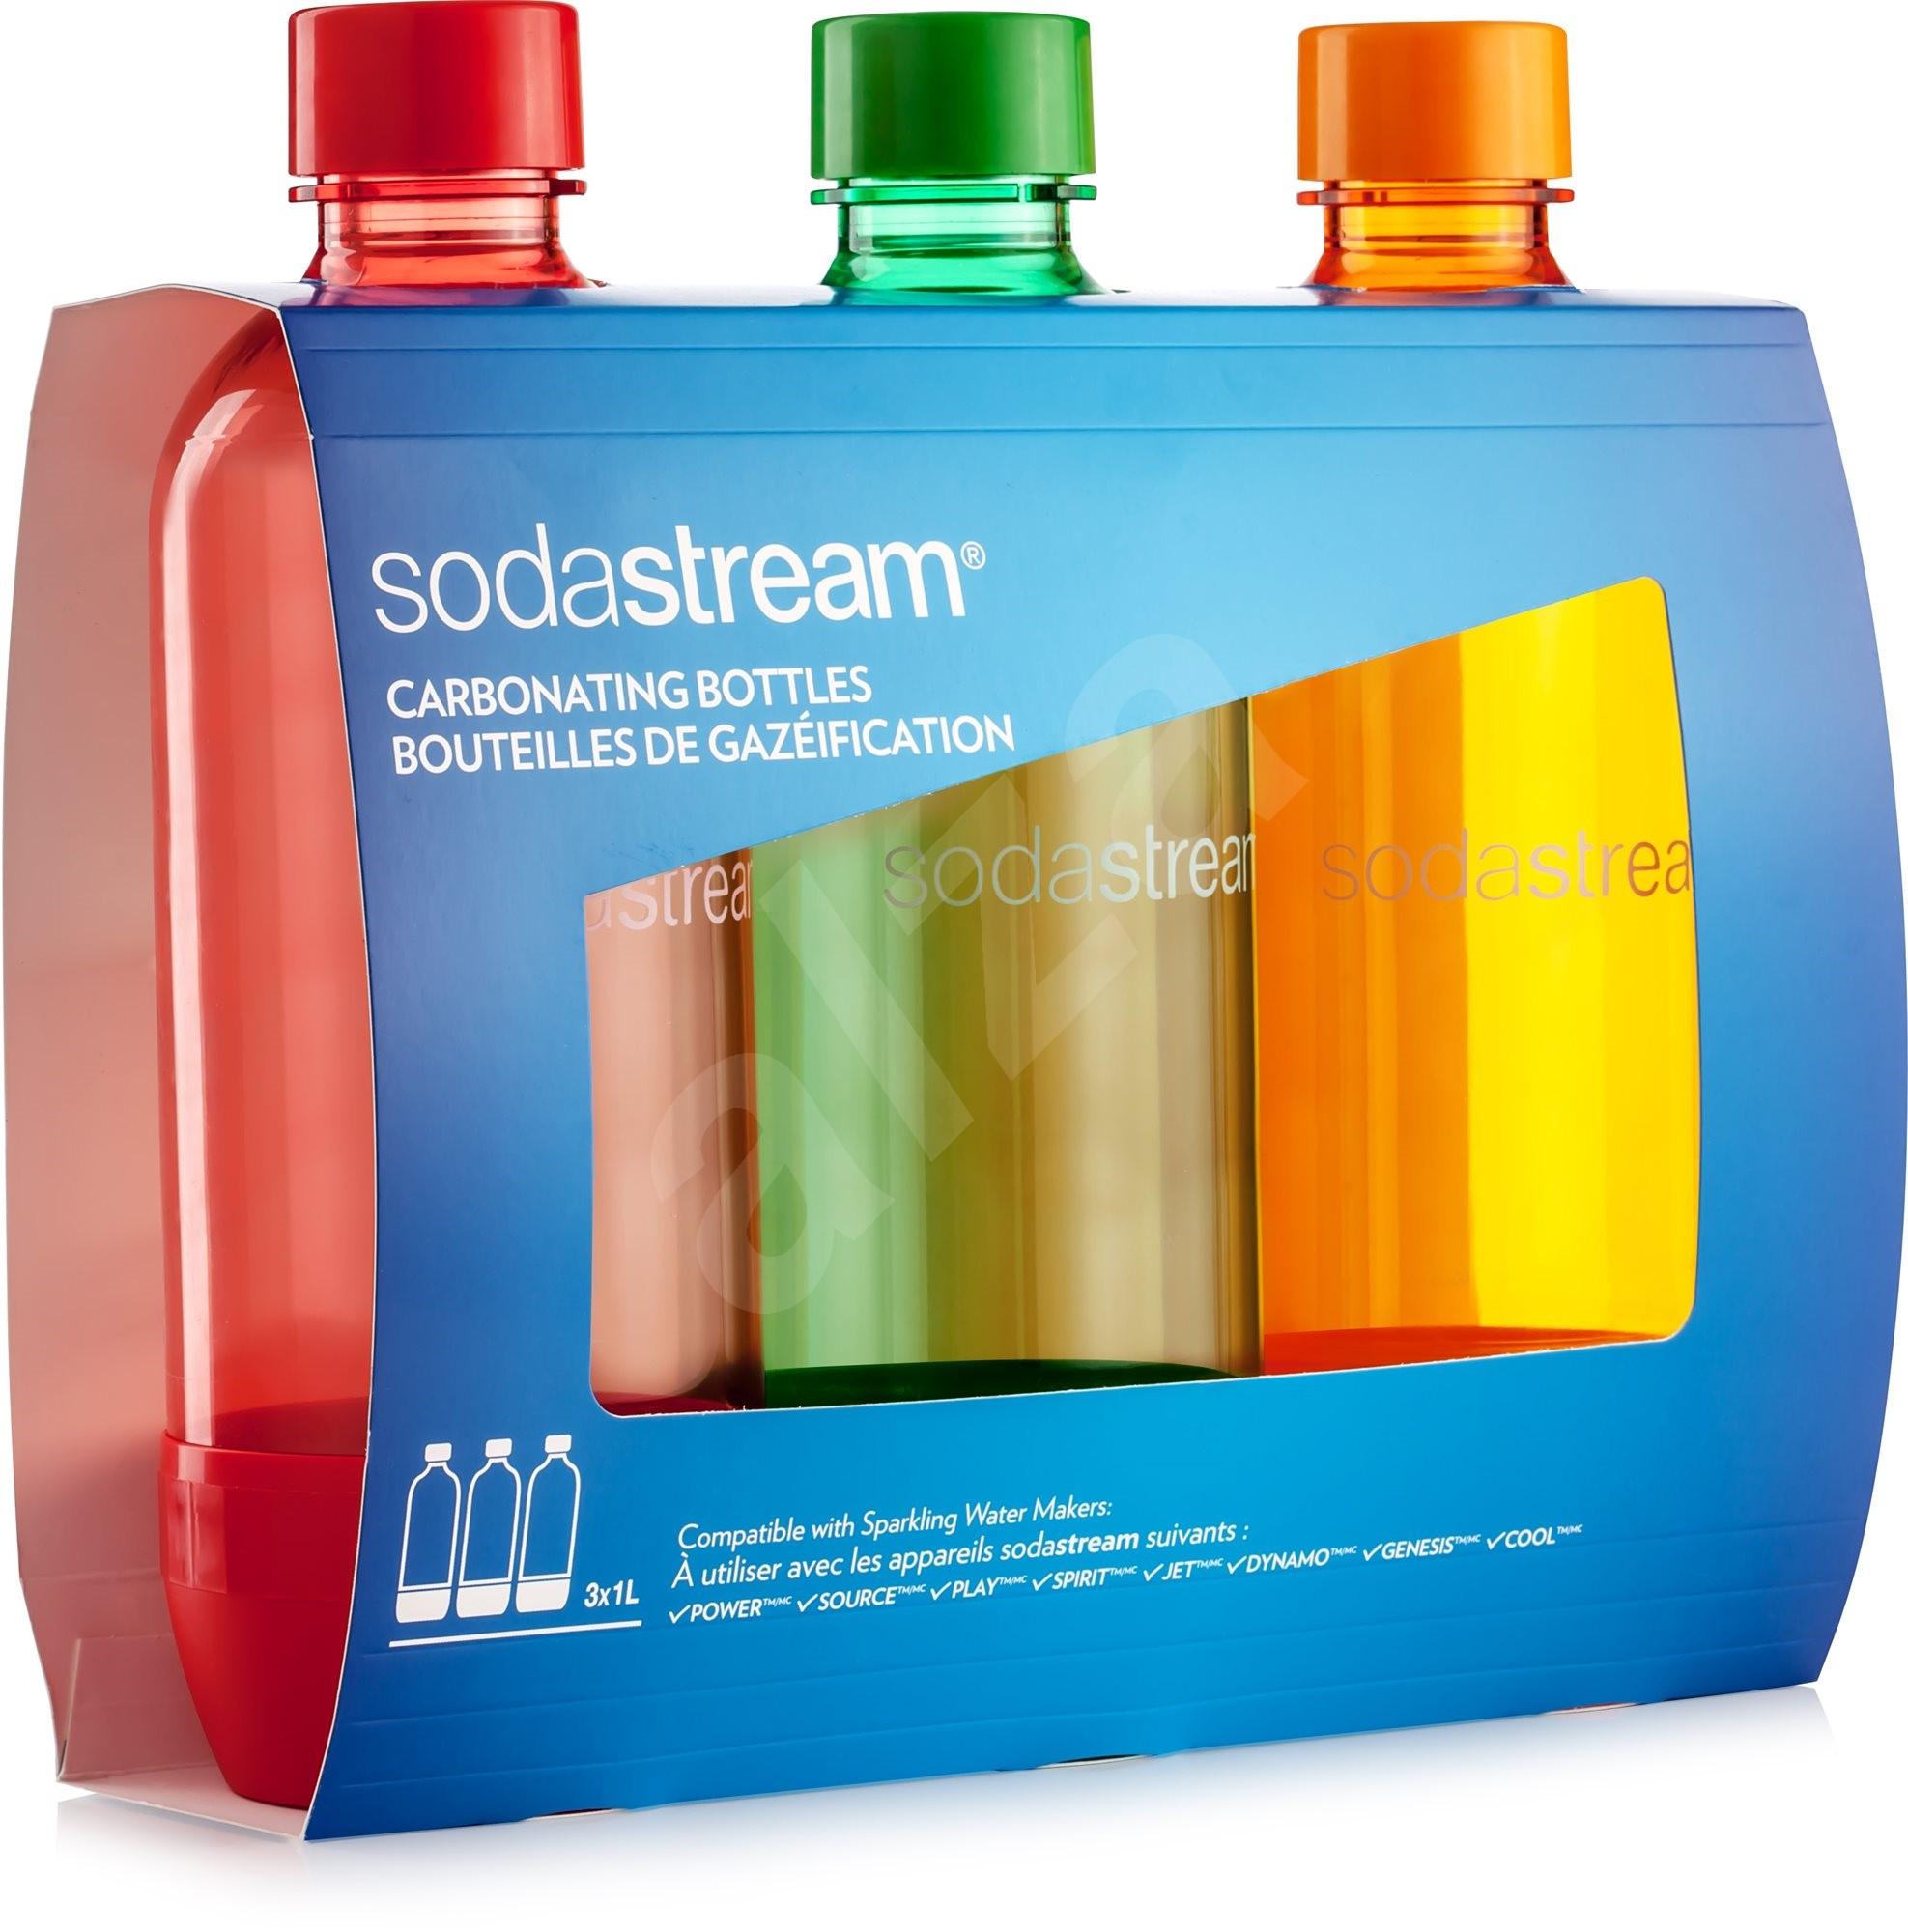 sodastream 1 liter tripack orange red blue replacement bottle. Black Bedroom Furniture Sets. Home Design Ideas